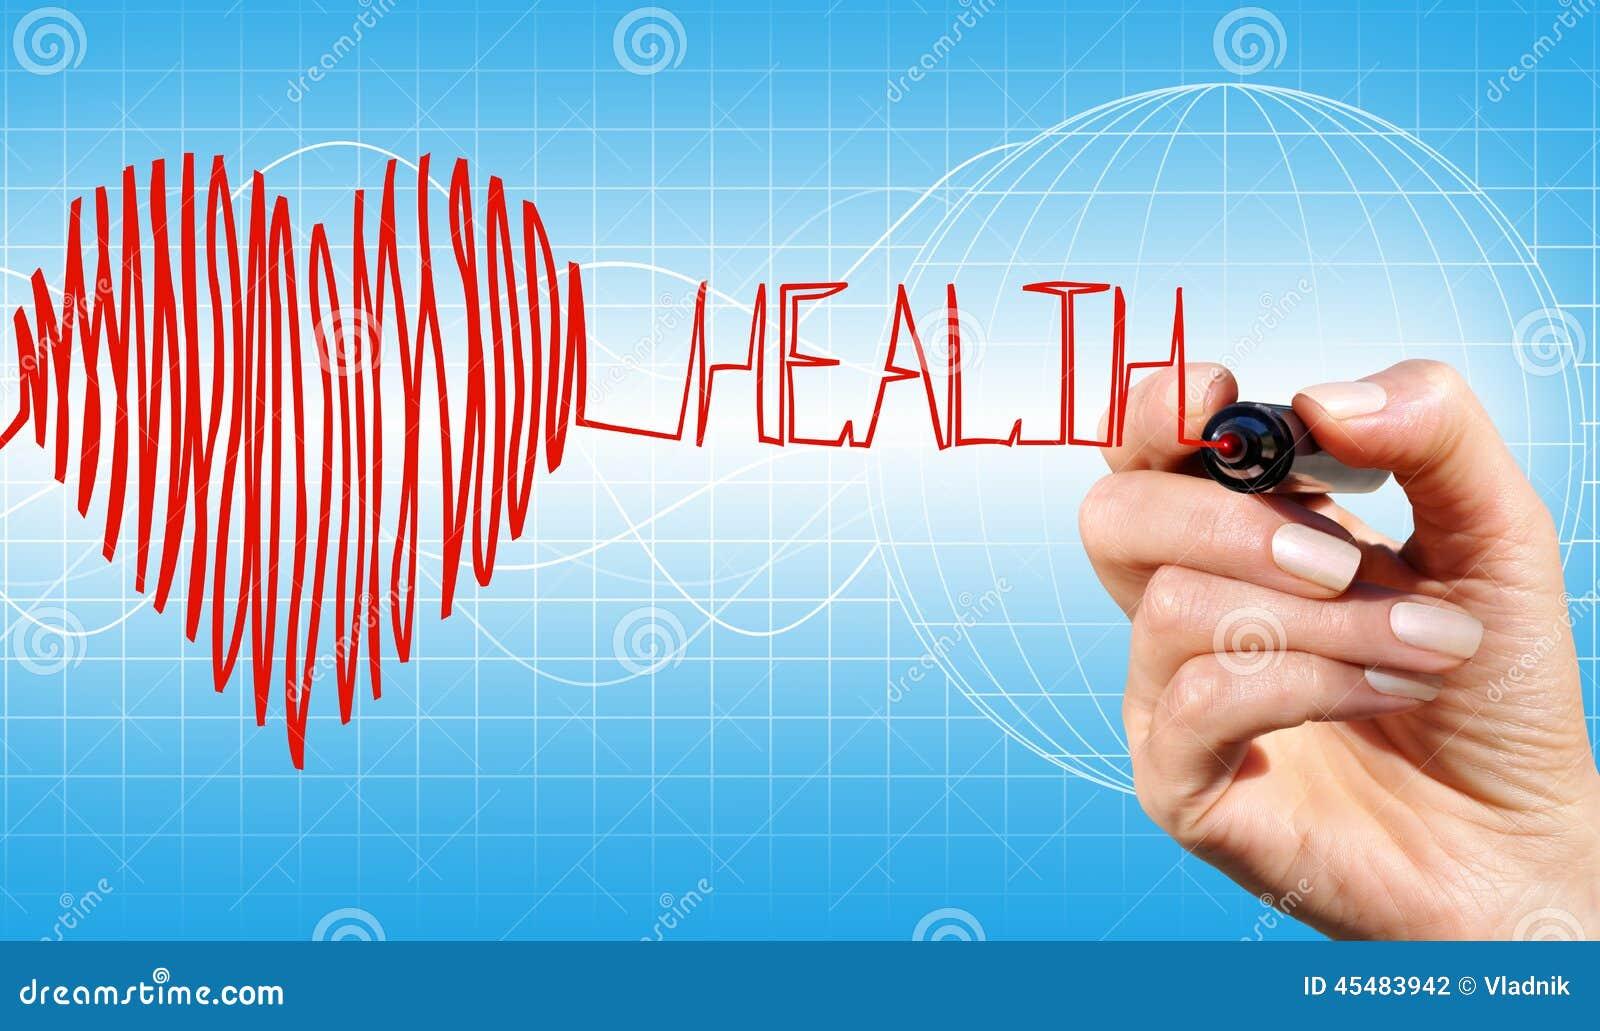 Hart en gezondheid